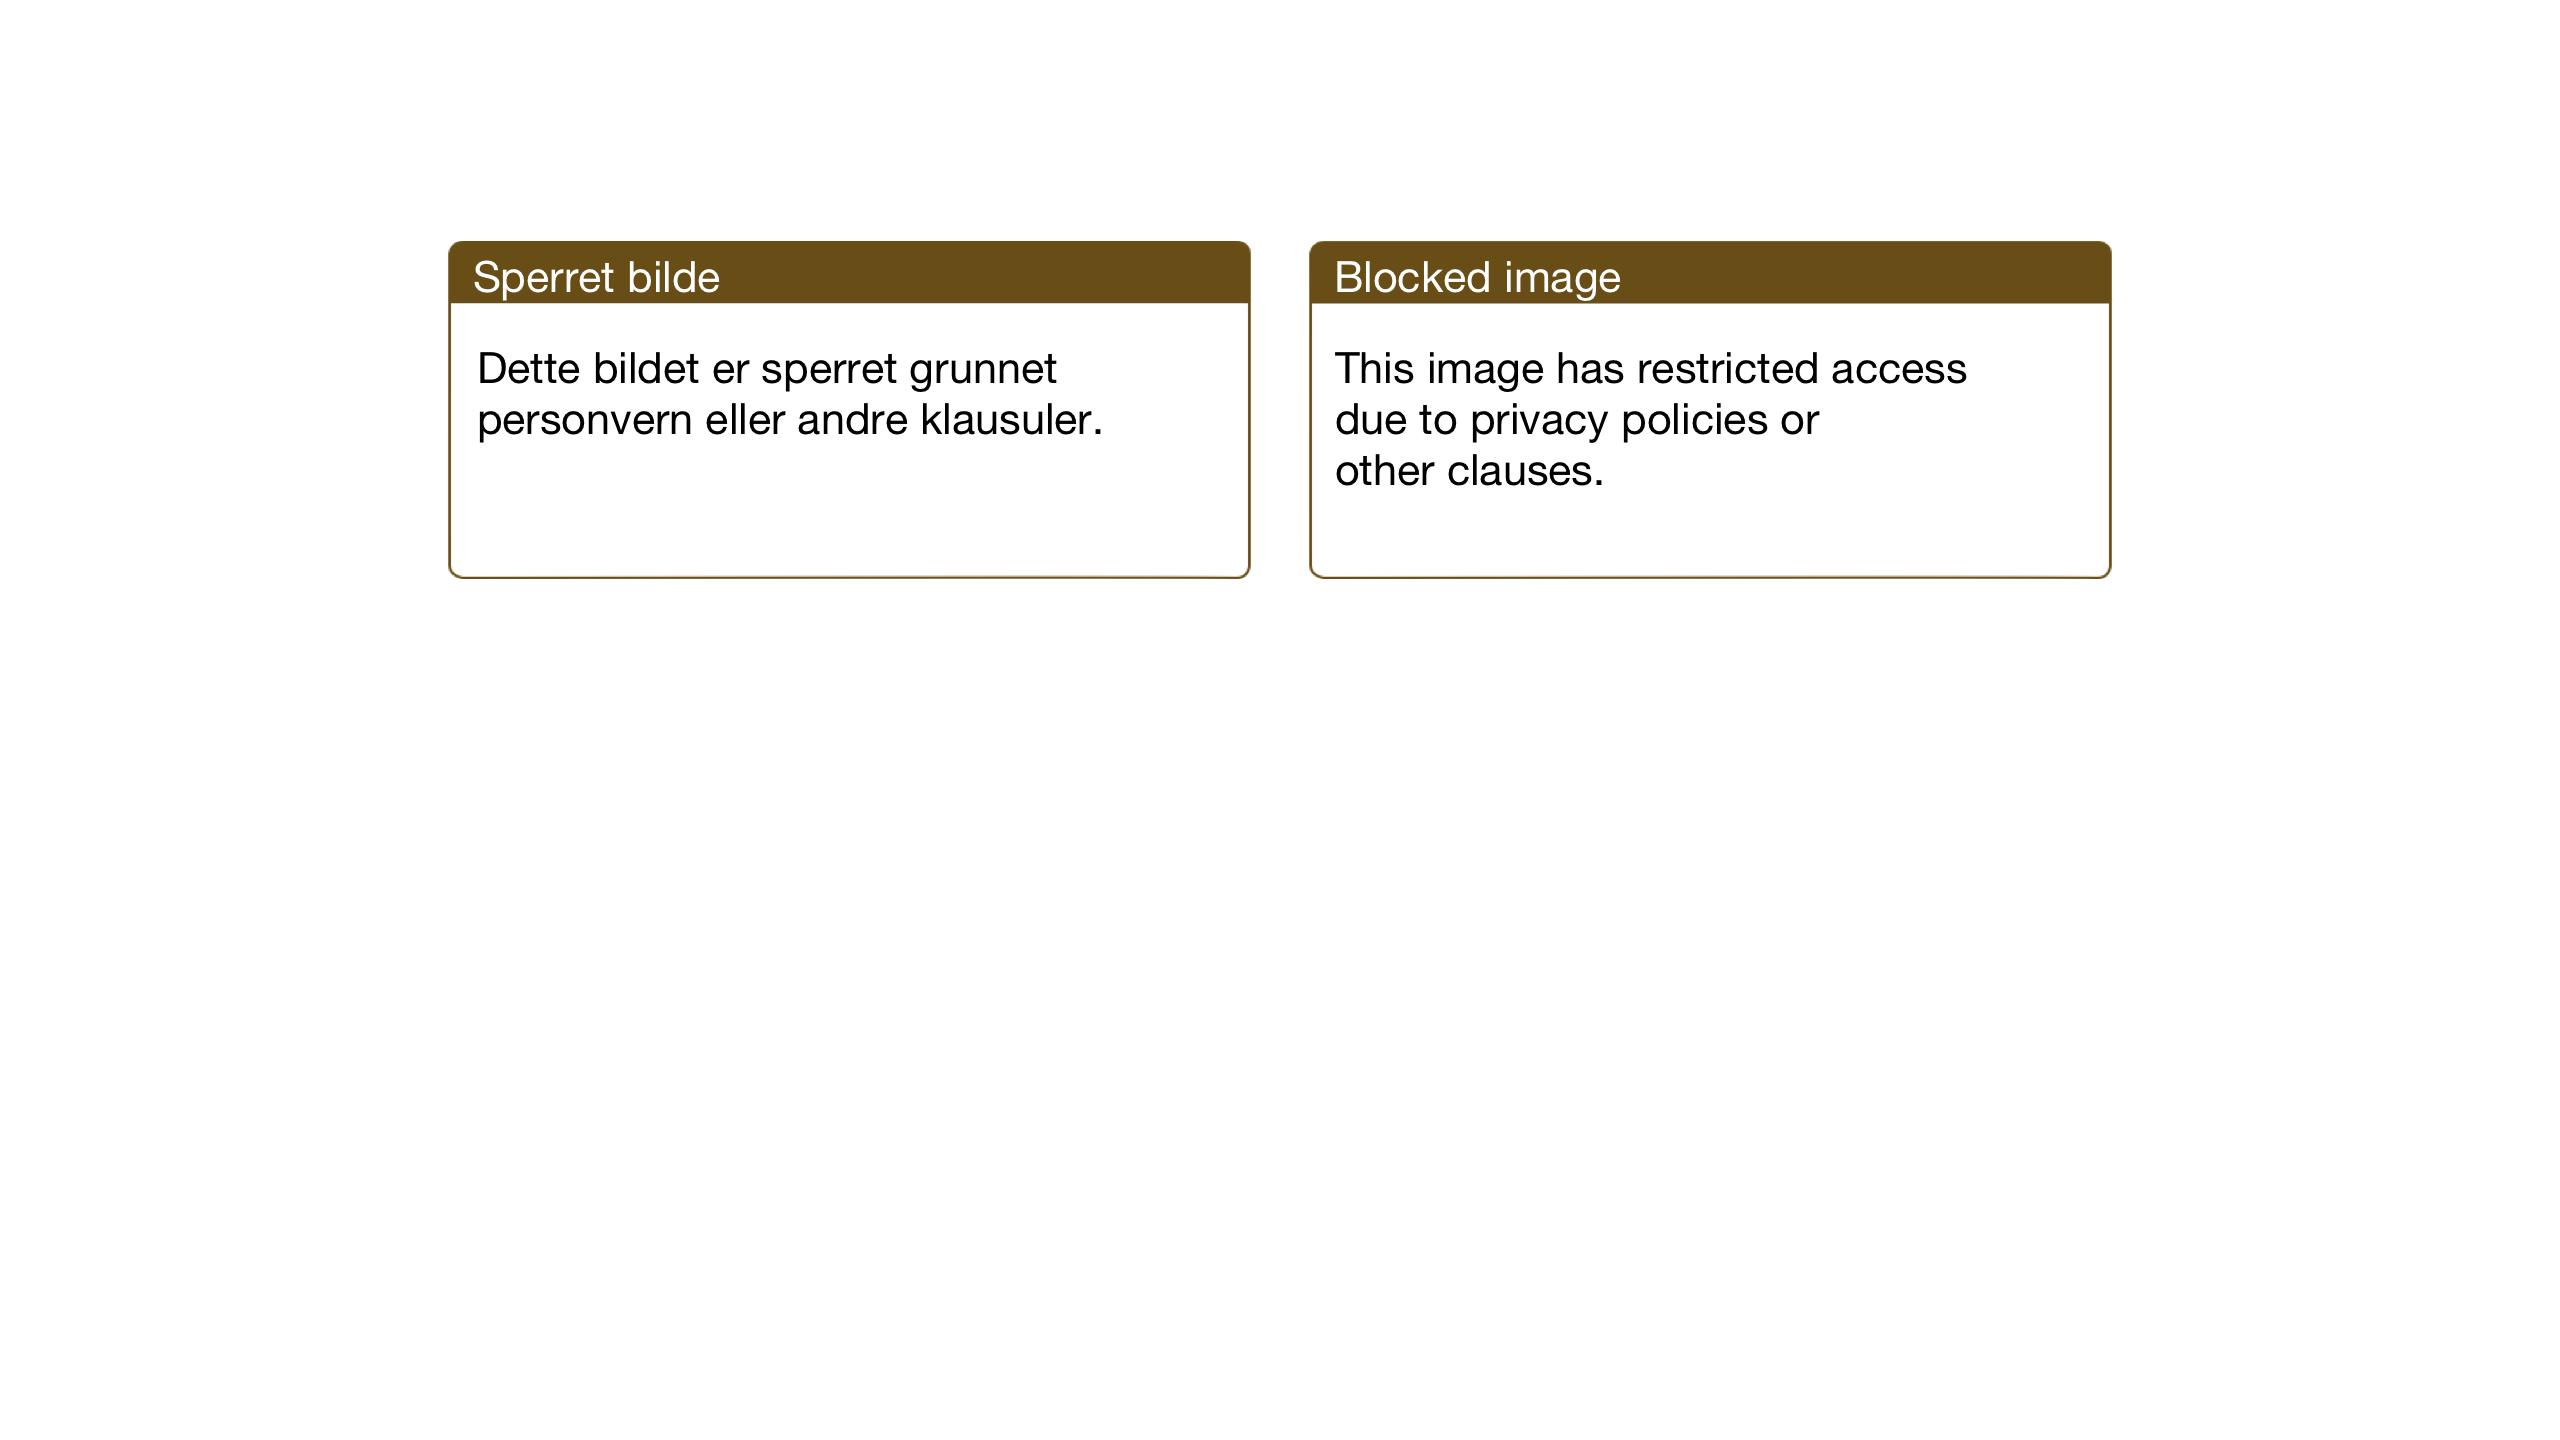 SAT, Ministerialprotokoller, klokkerbøker og fødselsregistre - Sør-Trøndelag, 655/L0690: Klokkerbok nr. 655C06, 1937-1950, s. 91